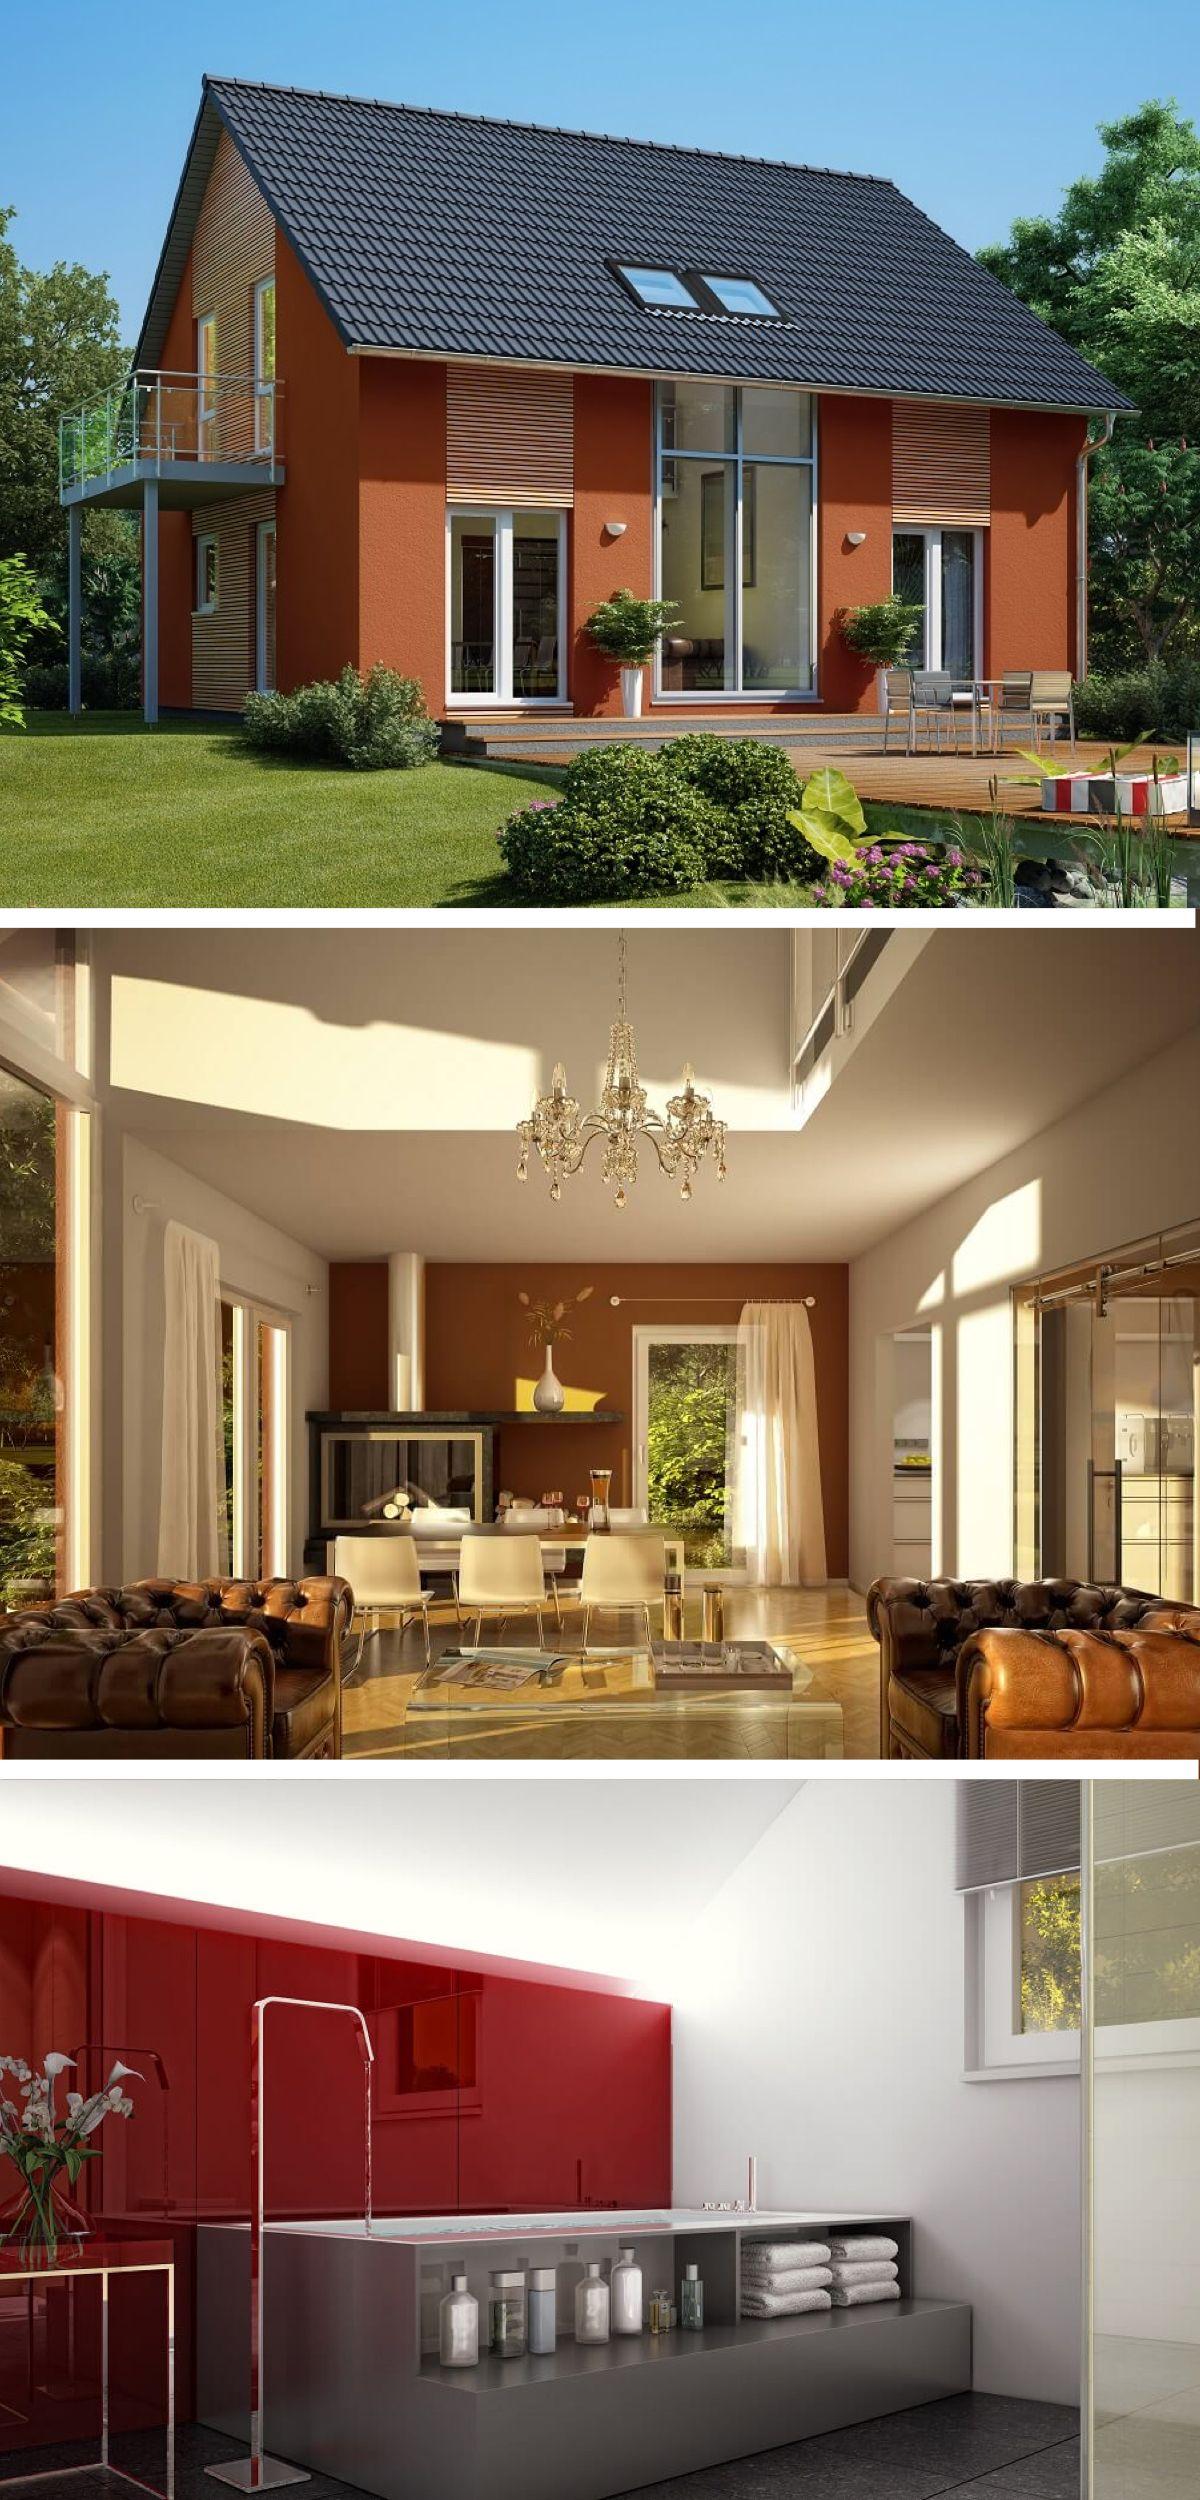 Eitelkeit Satteldach Modern Dekoration Von Satteldach- Mit Galerie Und Putz Fassade Rot